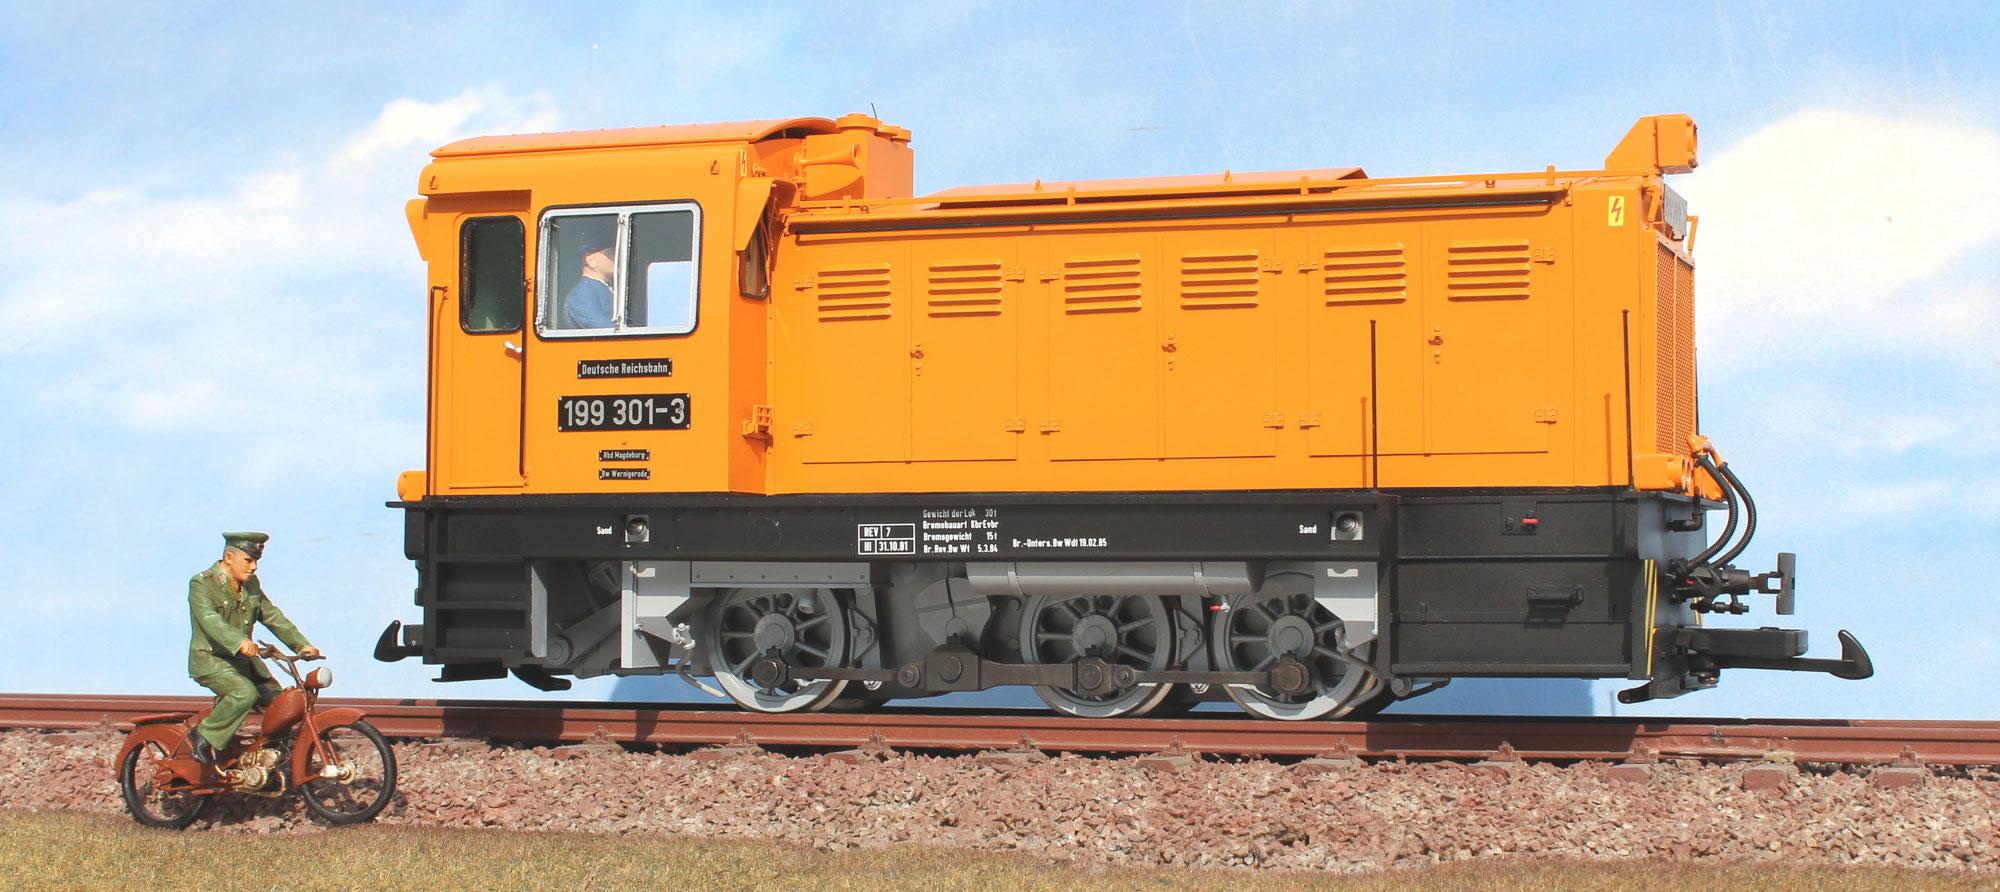 Diesellok 199 301-3 (V 30) der Harzquerbahn